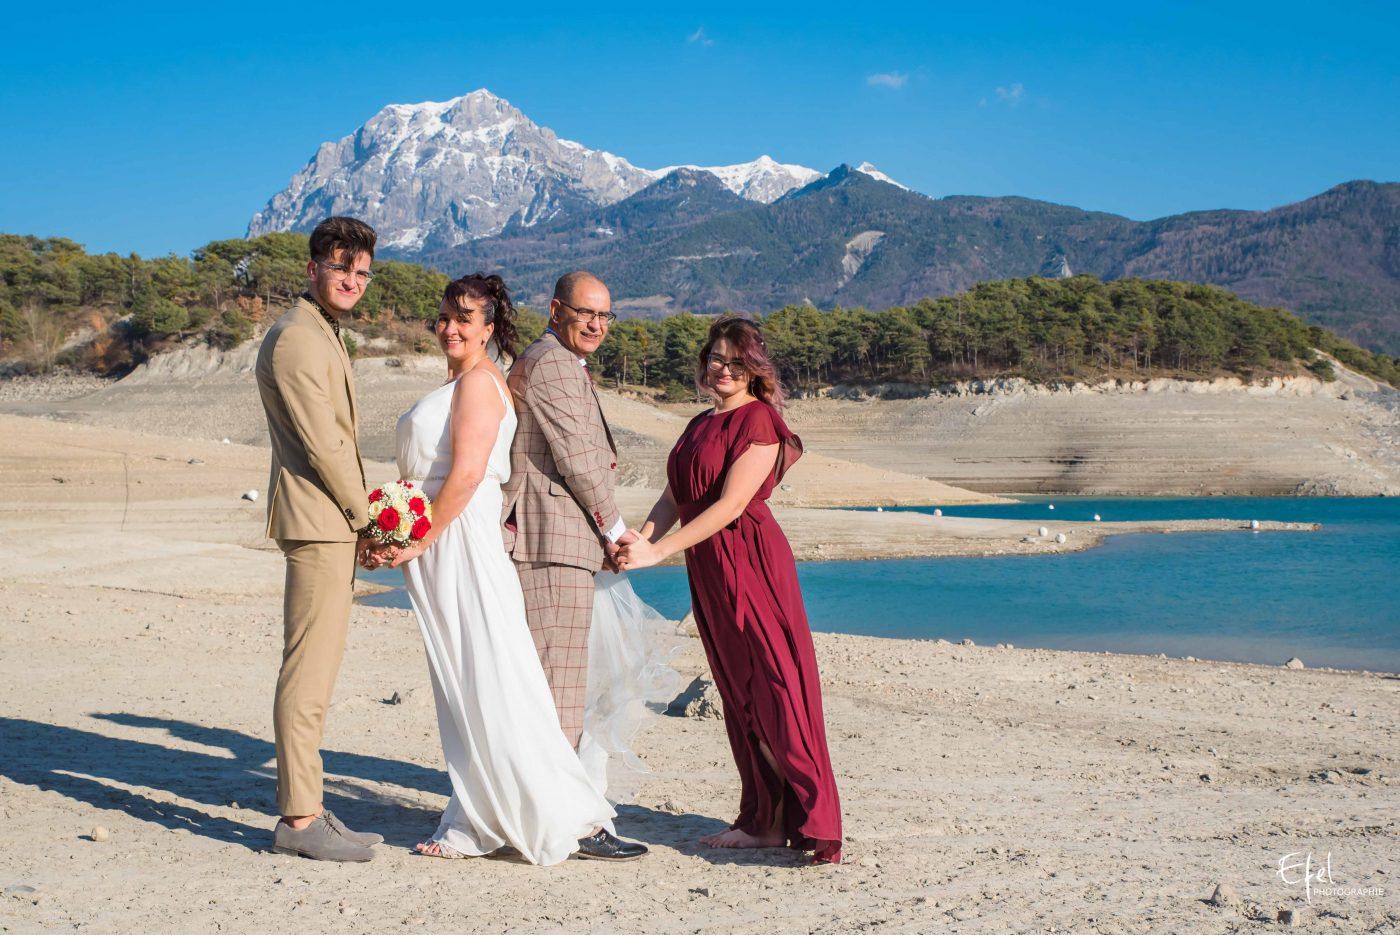 Shooting famille mariage en montagne photographe hautes alpes